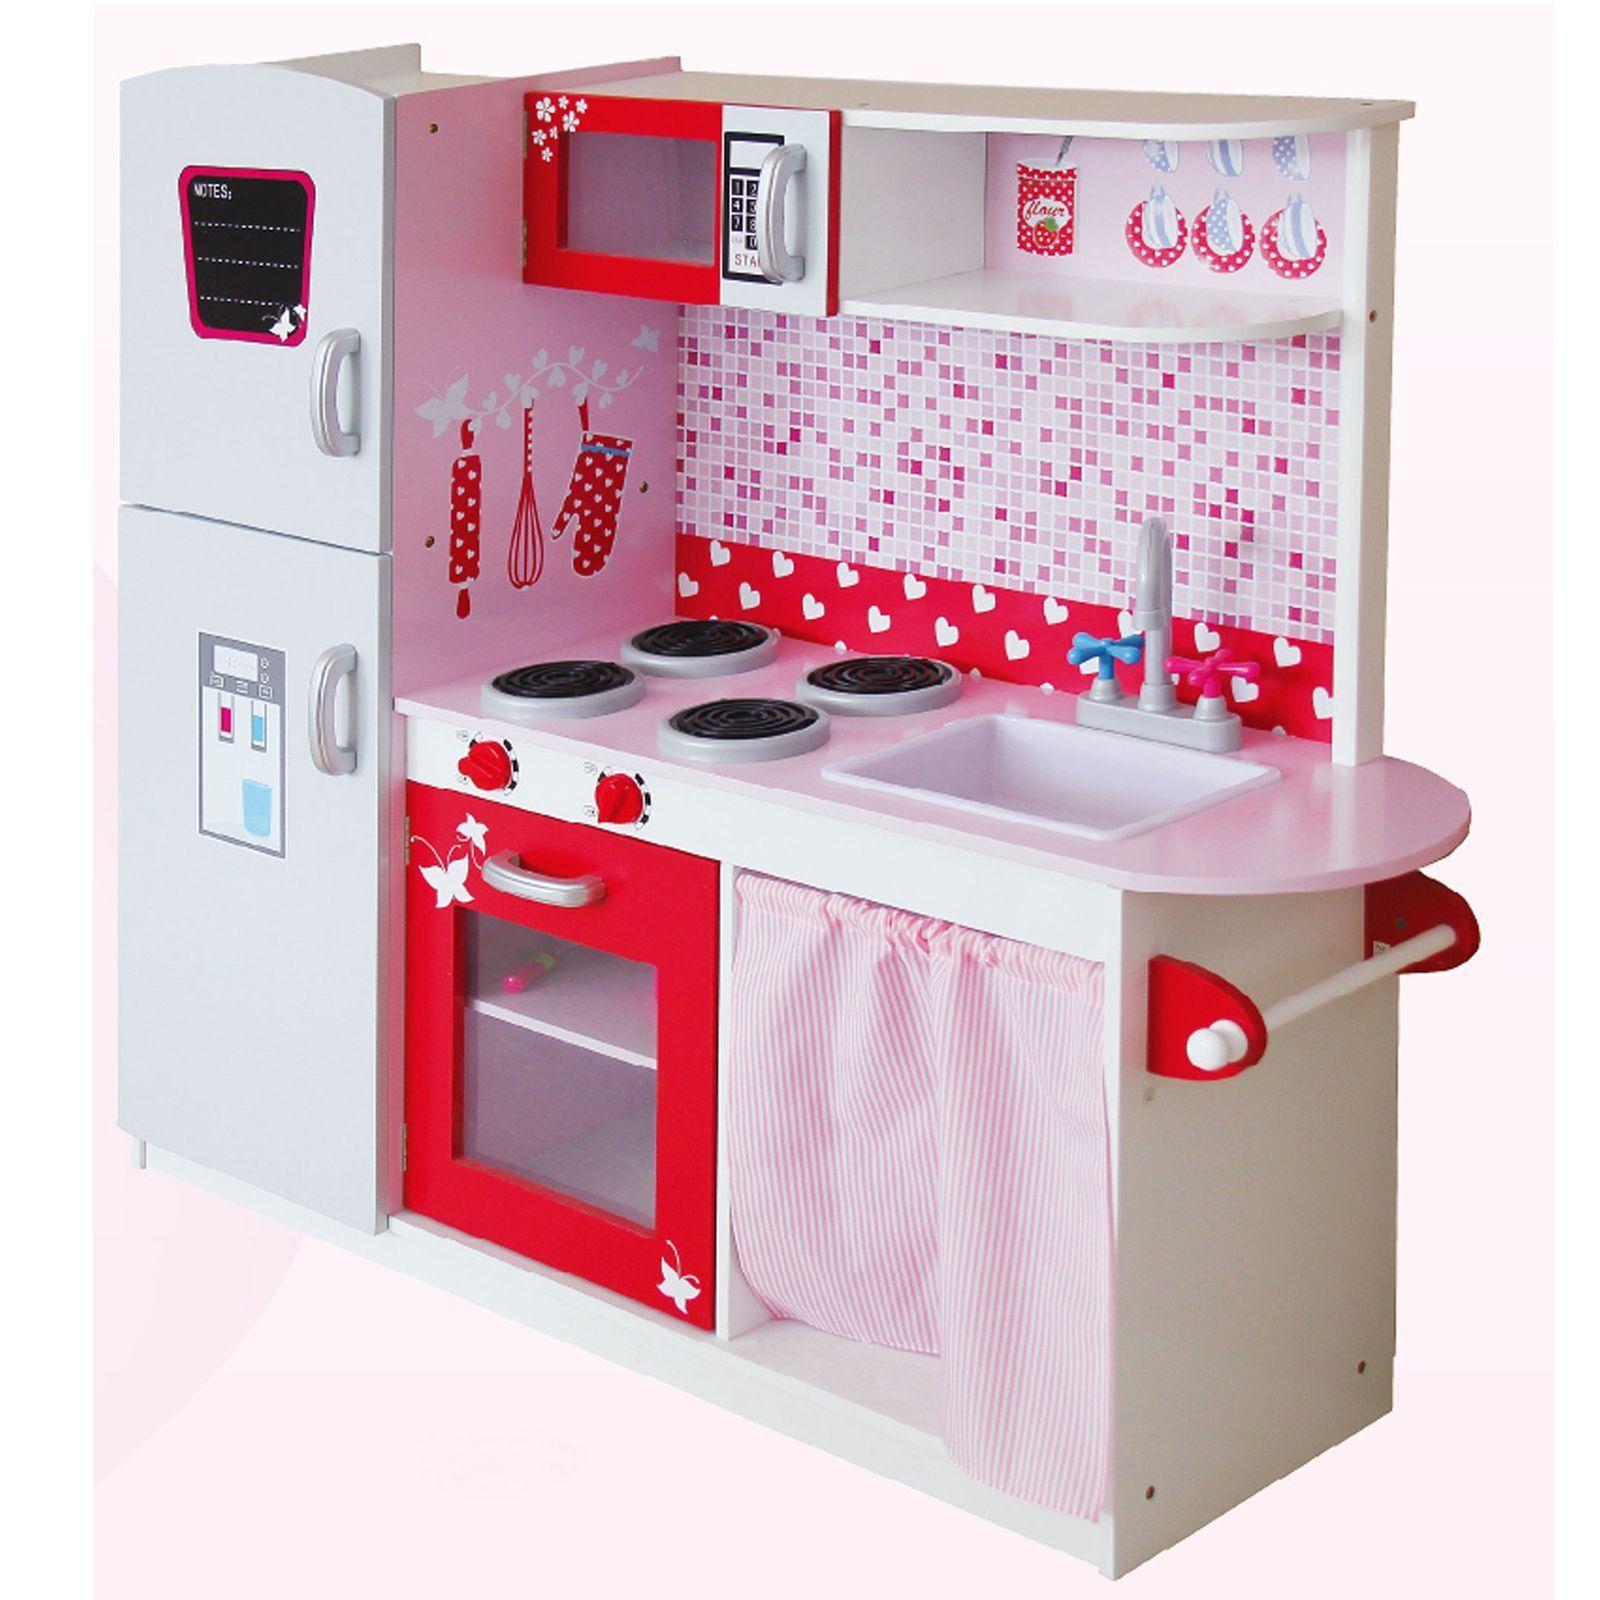 Enfants Grand en Bois Cuisine avec Réfrigérateur par Leomark - Rose - Neuf MDF